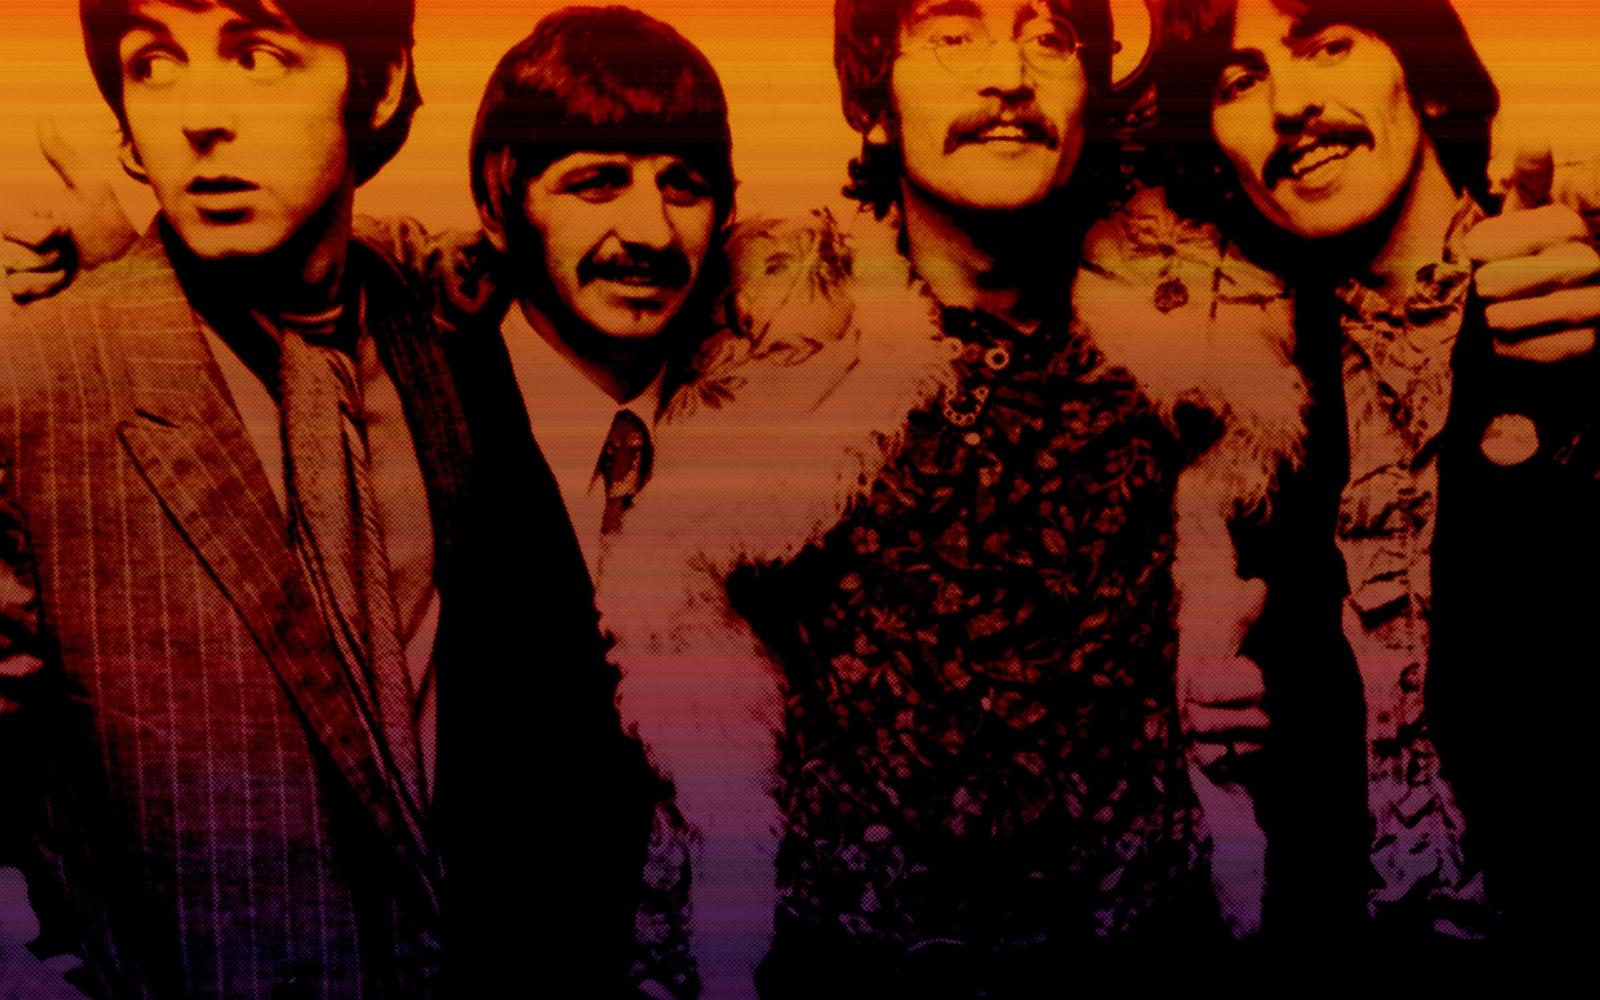 ¿Los Beatles eran Satanistas de la New Age?